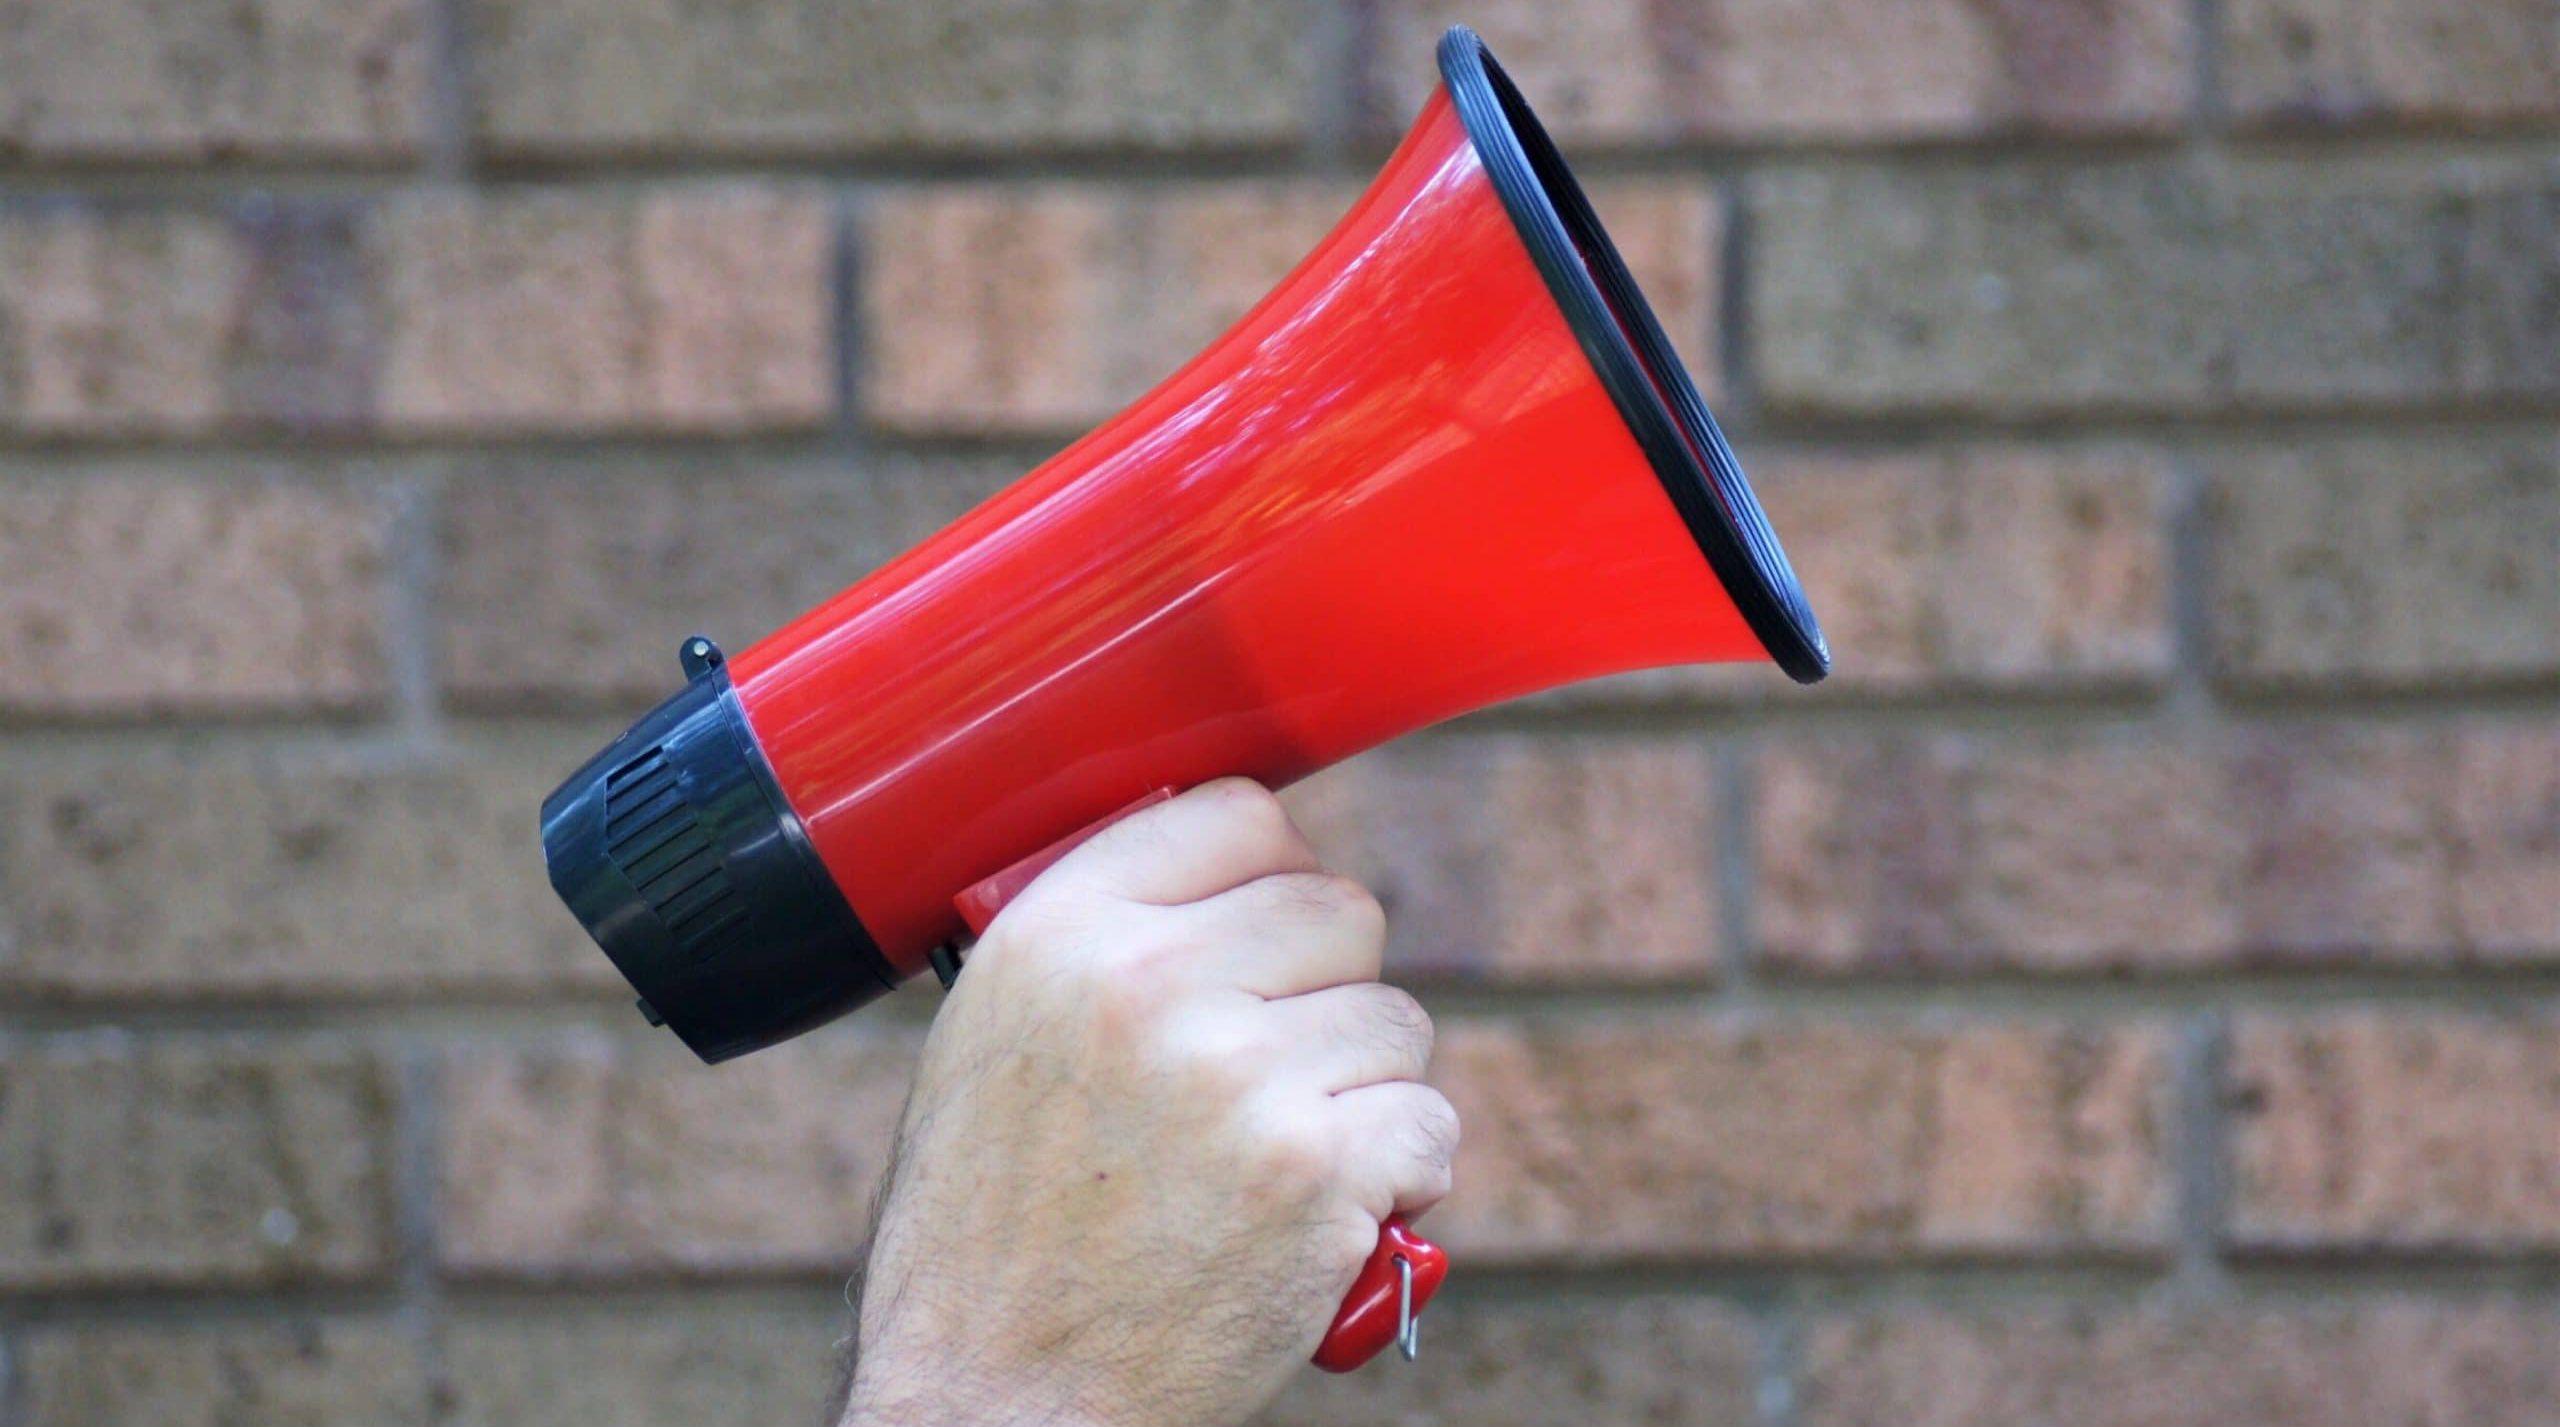 הרב ליאור אנגלמן: דווקא המעשים השגרתיים עושים את הרעש הכי גדול